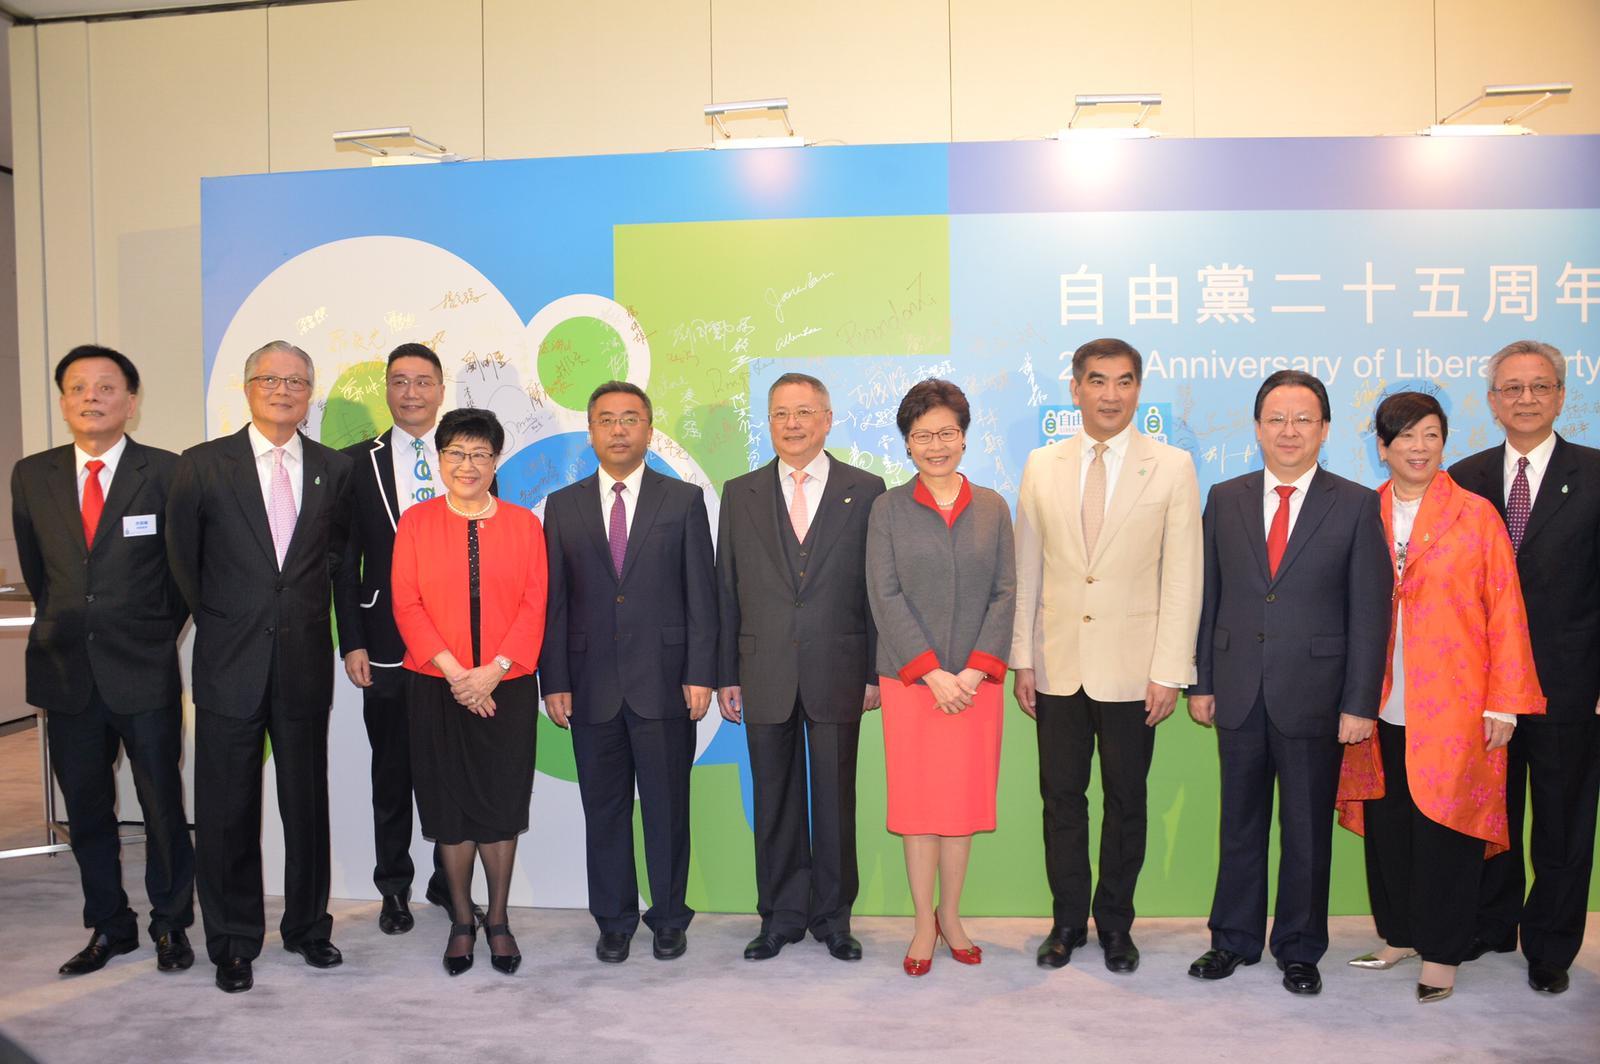 林鄭月娥與官員出席自由黨酒會